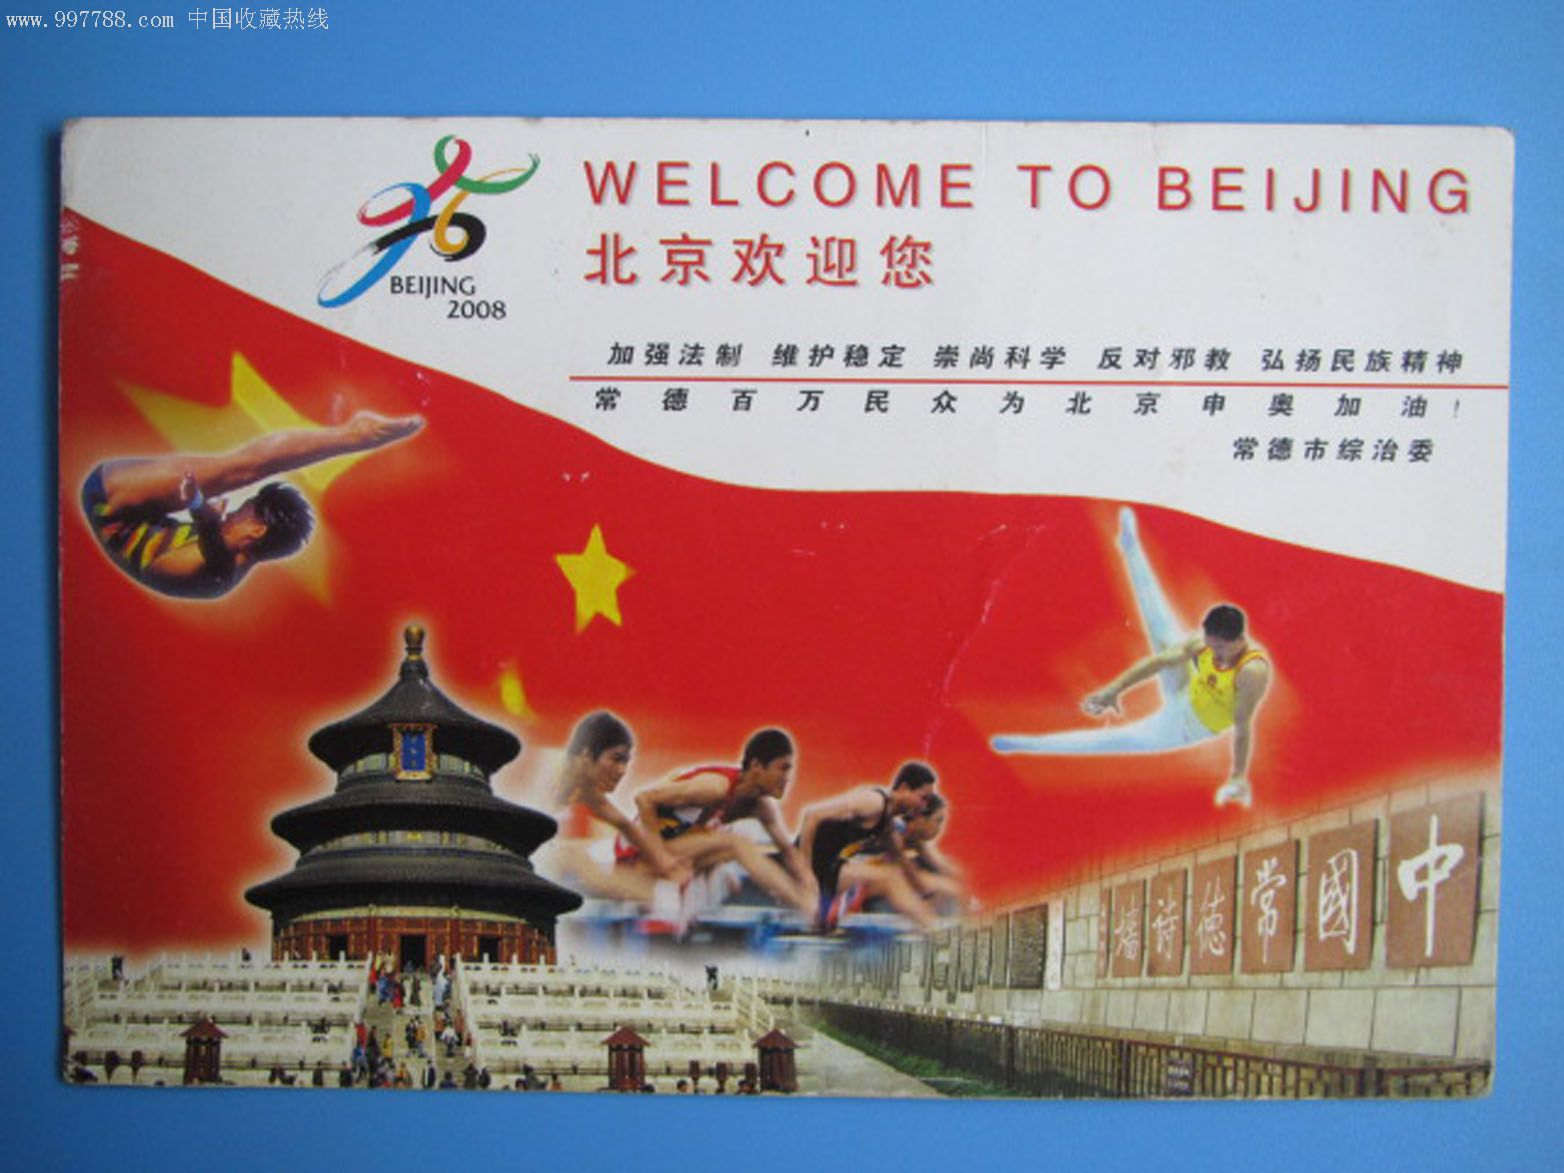 北京申奥_2008为北京申奥加油明信片